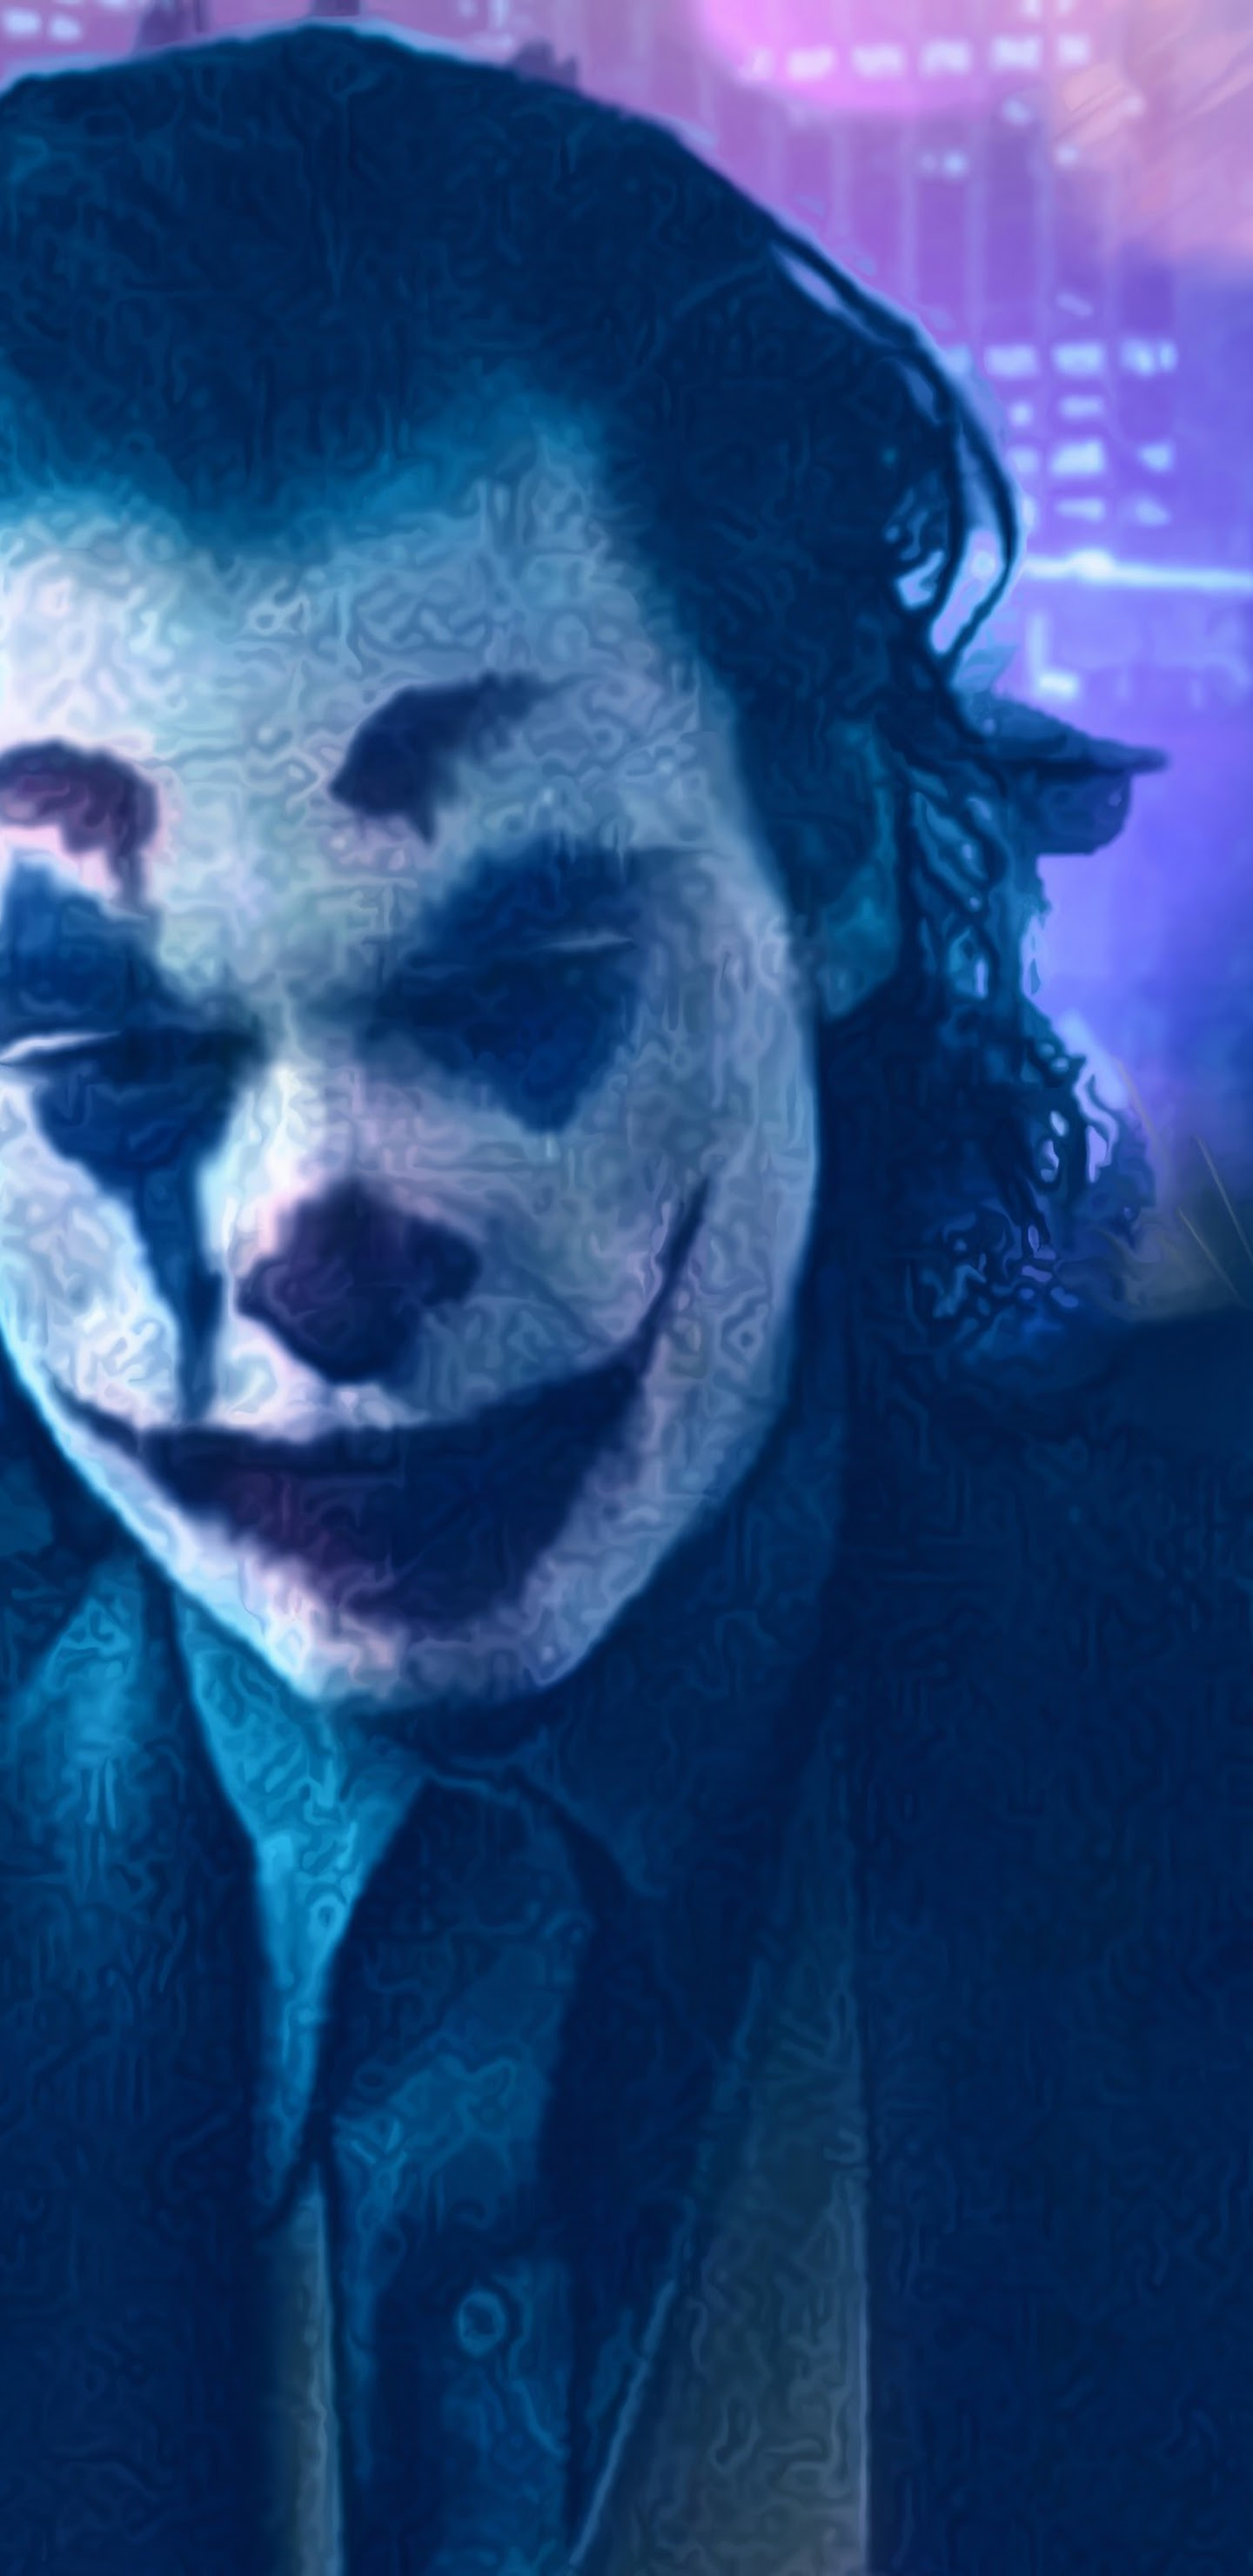 Joker 2019 Juaquin Phoenix 4k Wallpaper 4